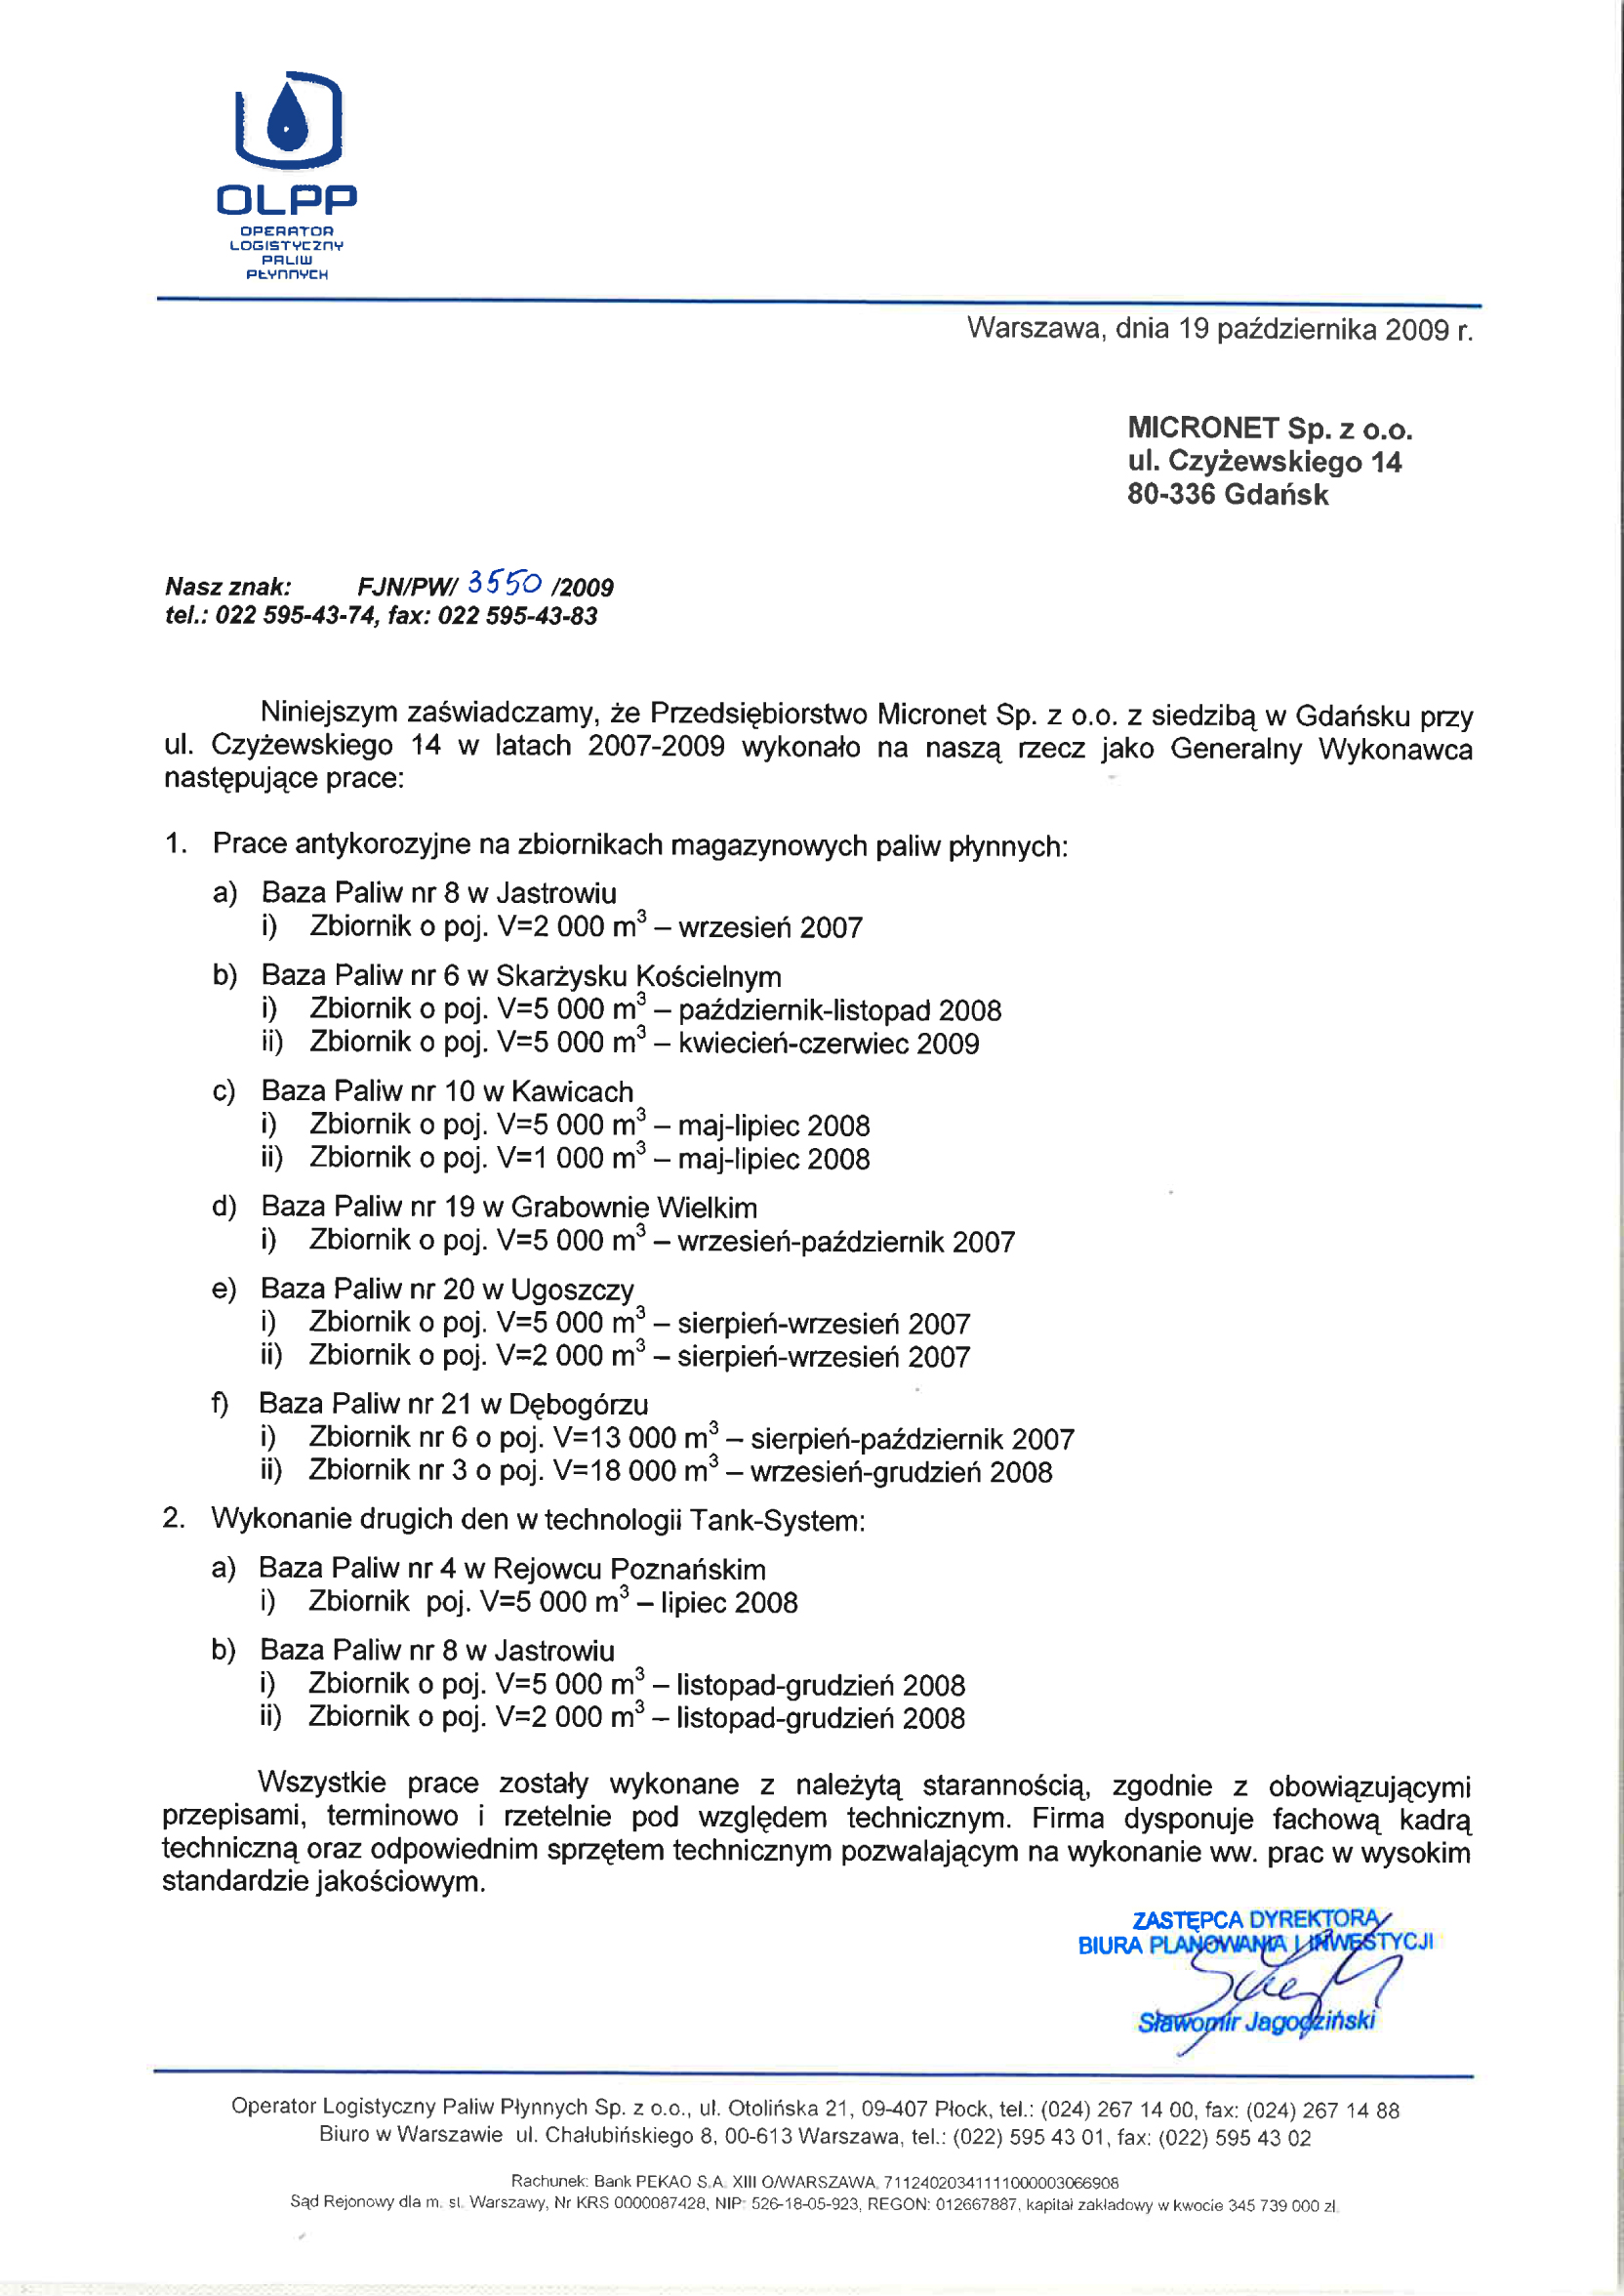 OLPP Rejowiec Poznański Jastrowie